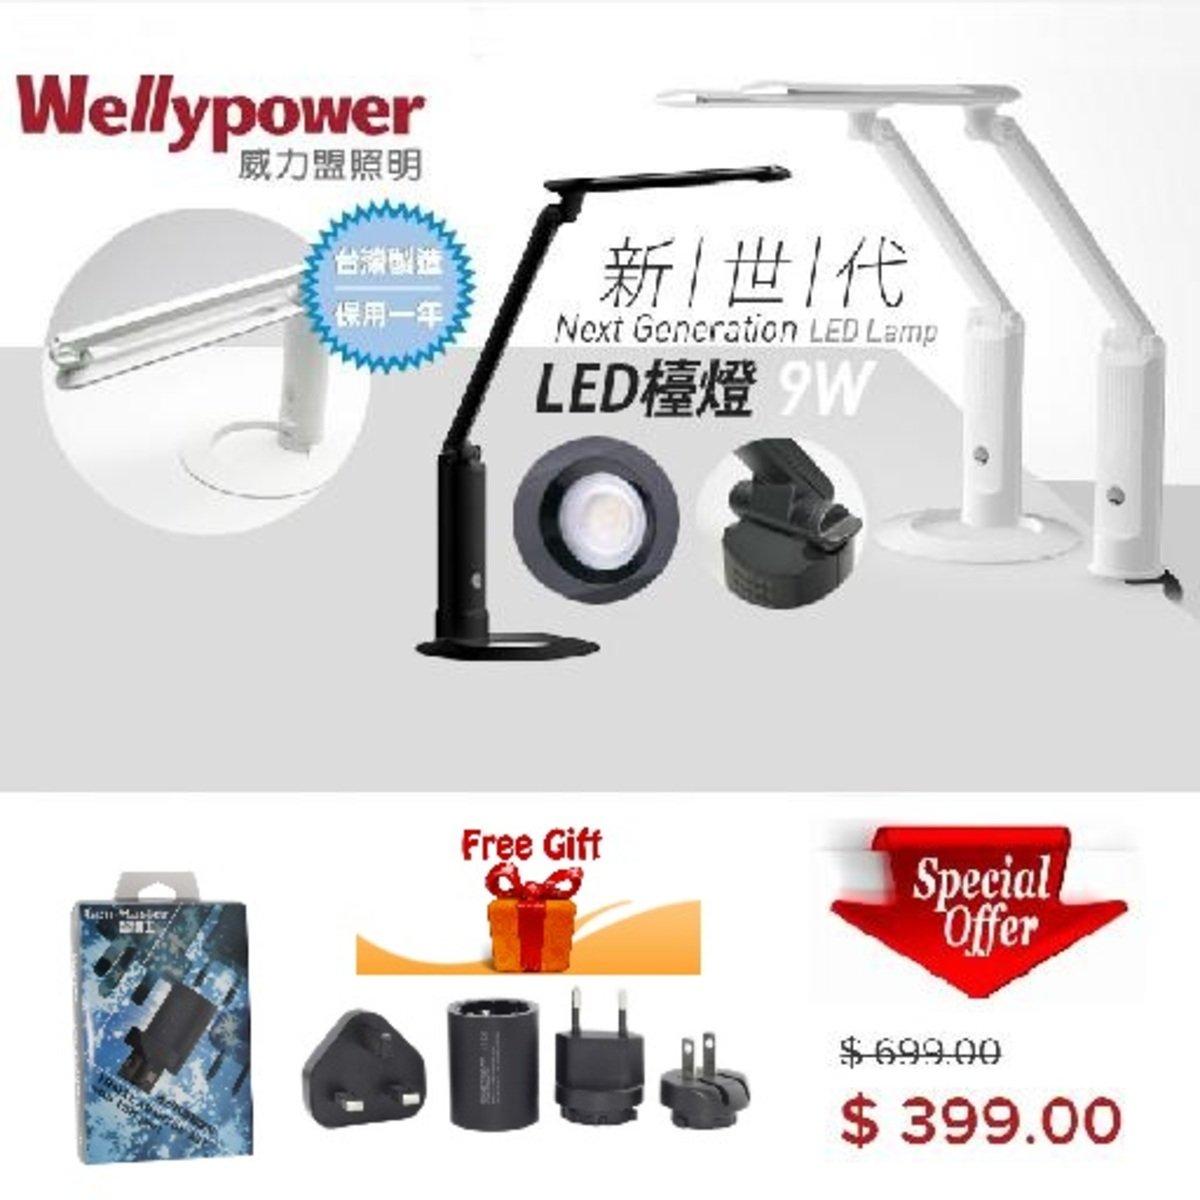 新世代 9W LED 白色檯燈 冷白光 (贈送 Gen-Master USB 旅行充電套裝)